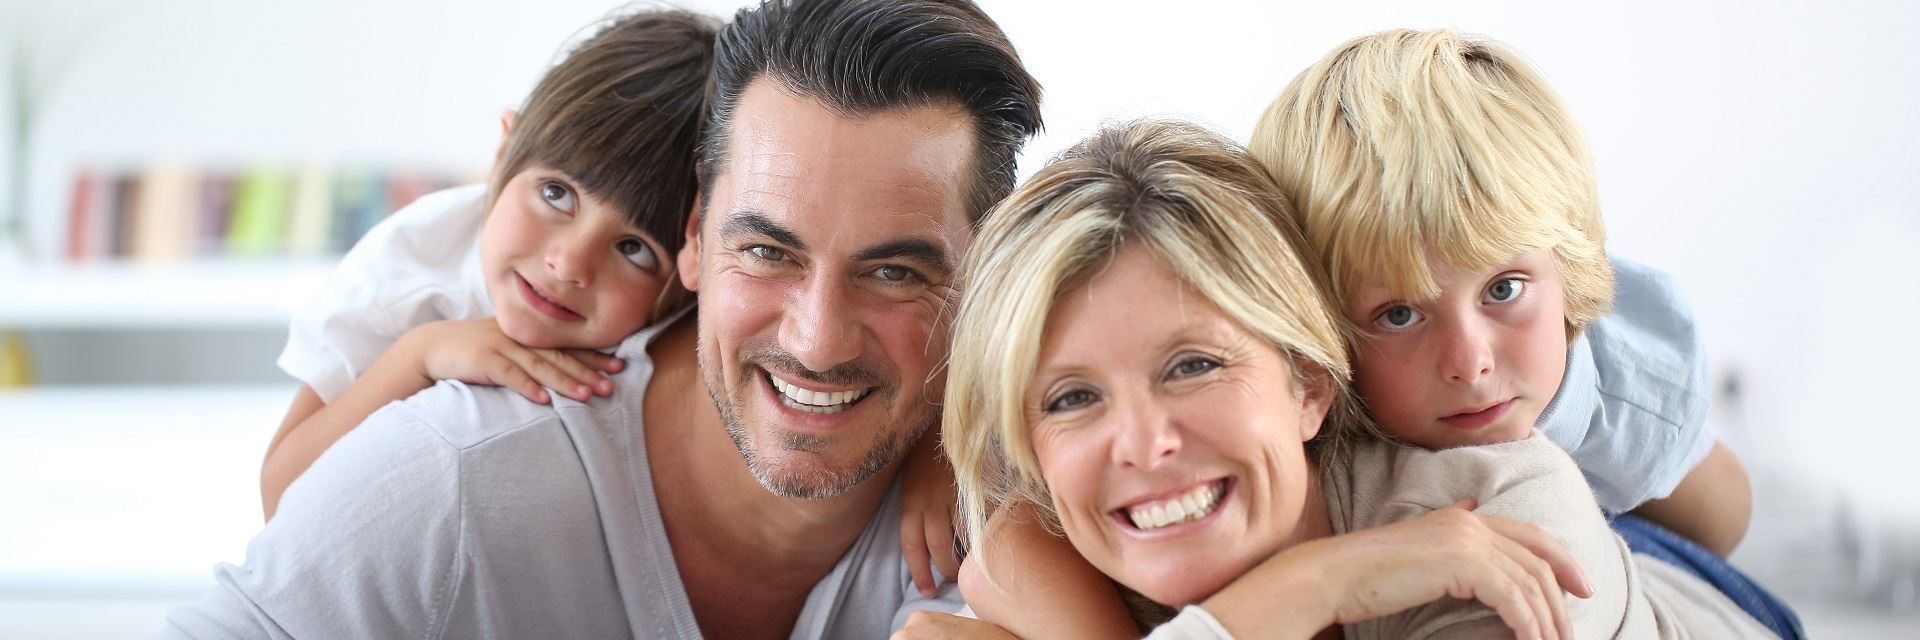 portret szczęśliwej rodziny w domu